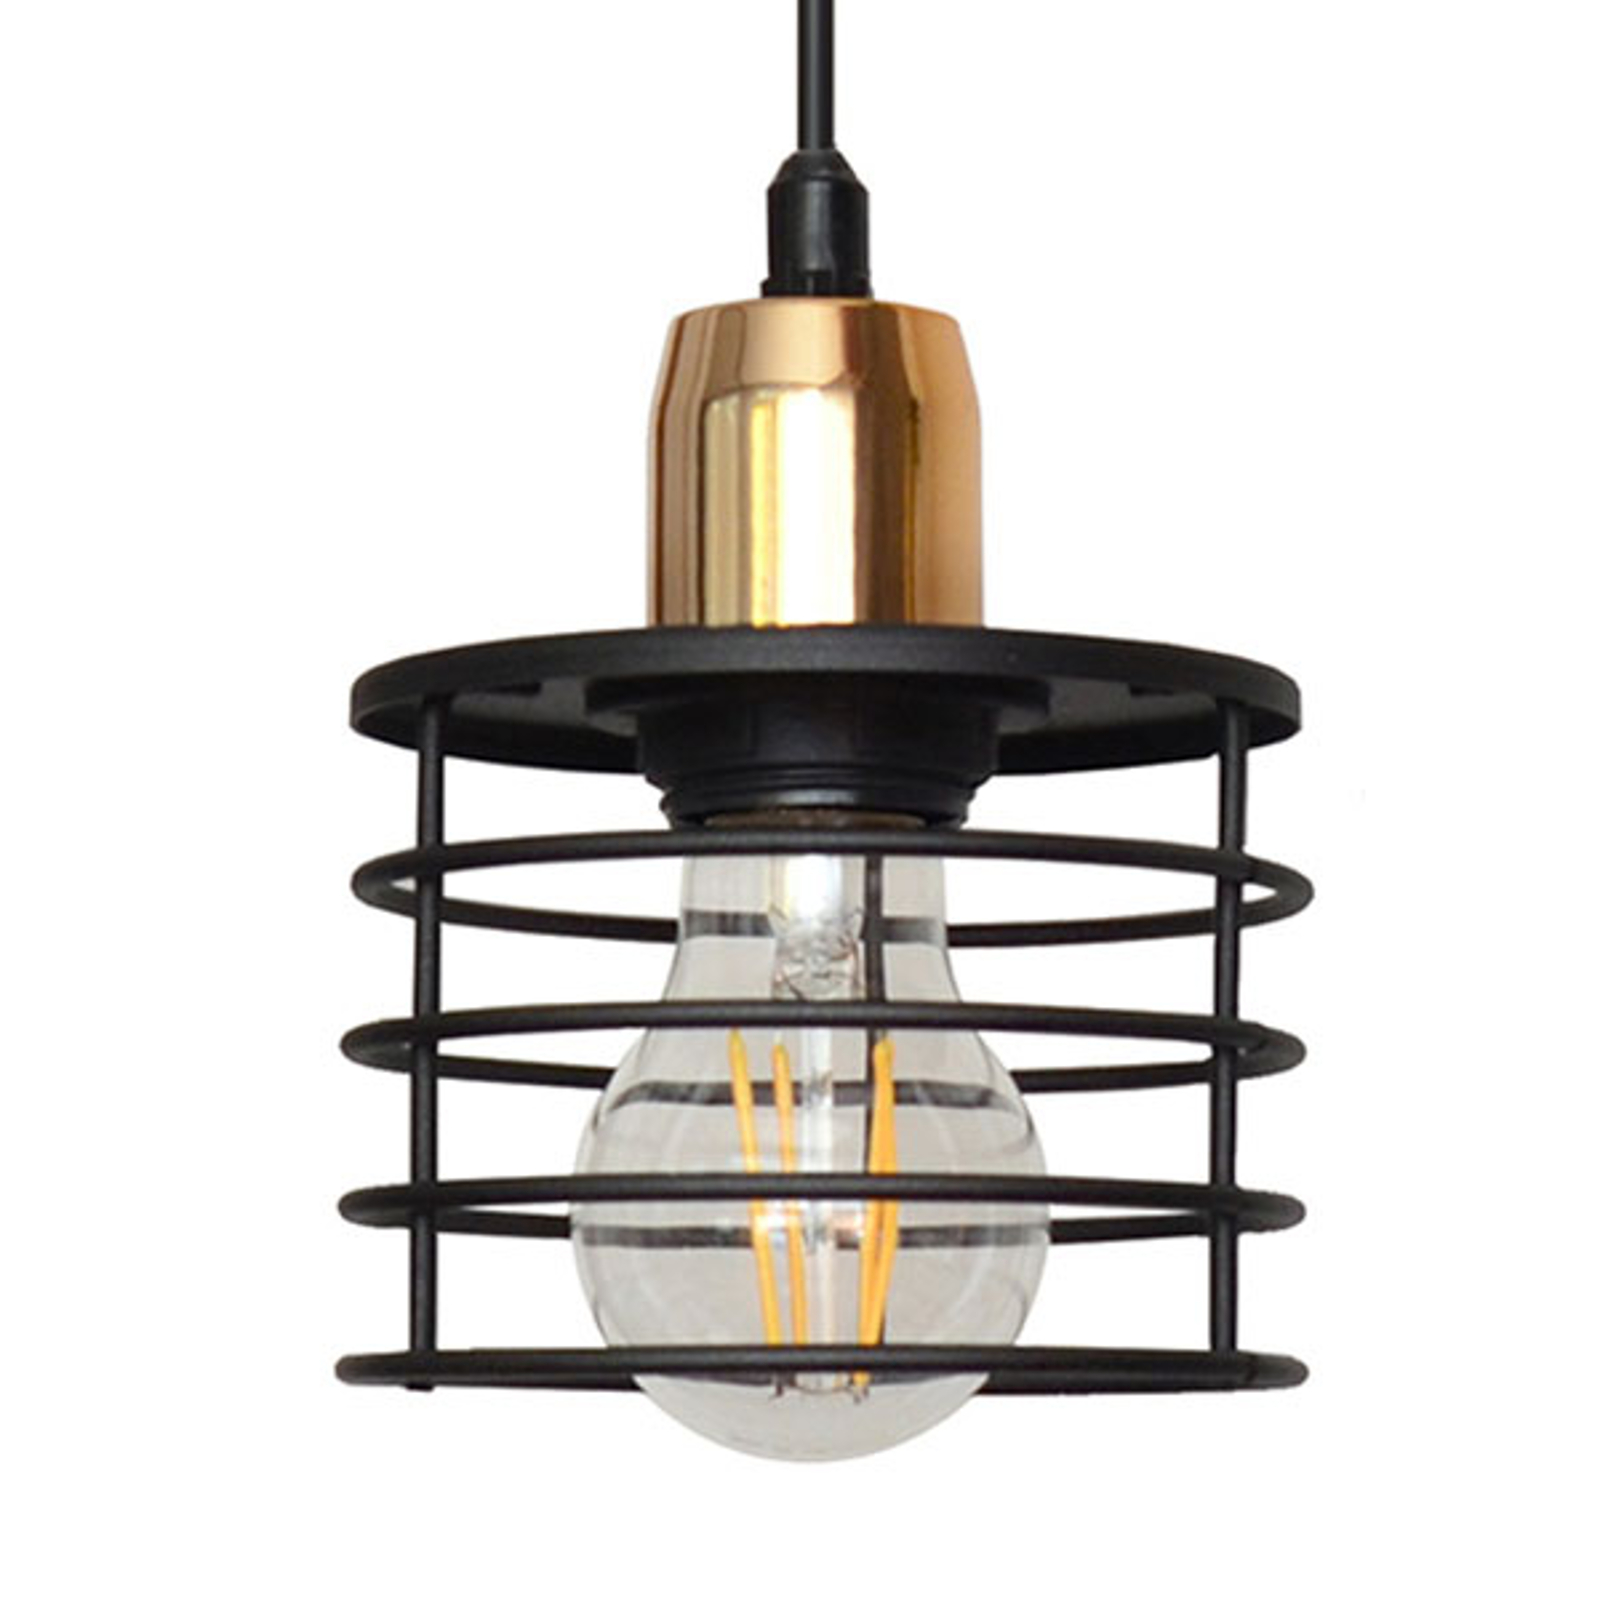 Lampa wisząca Edison czarna/miedziana 1-punktowa